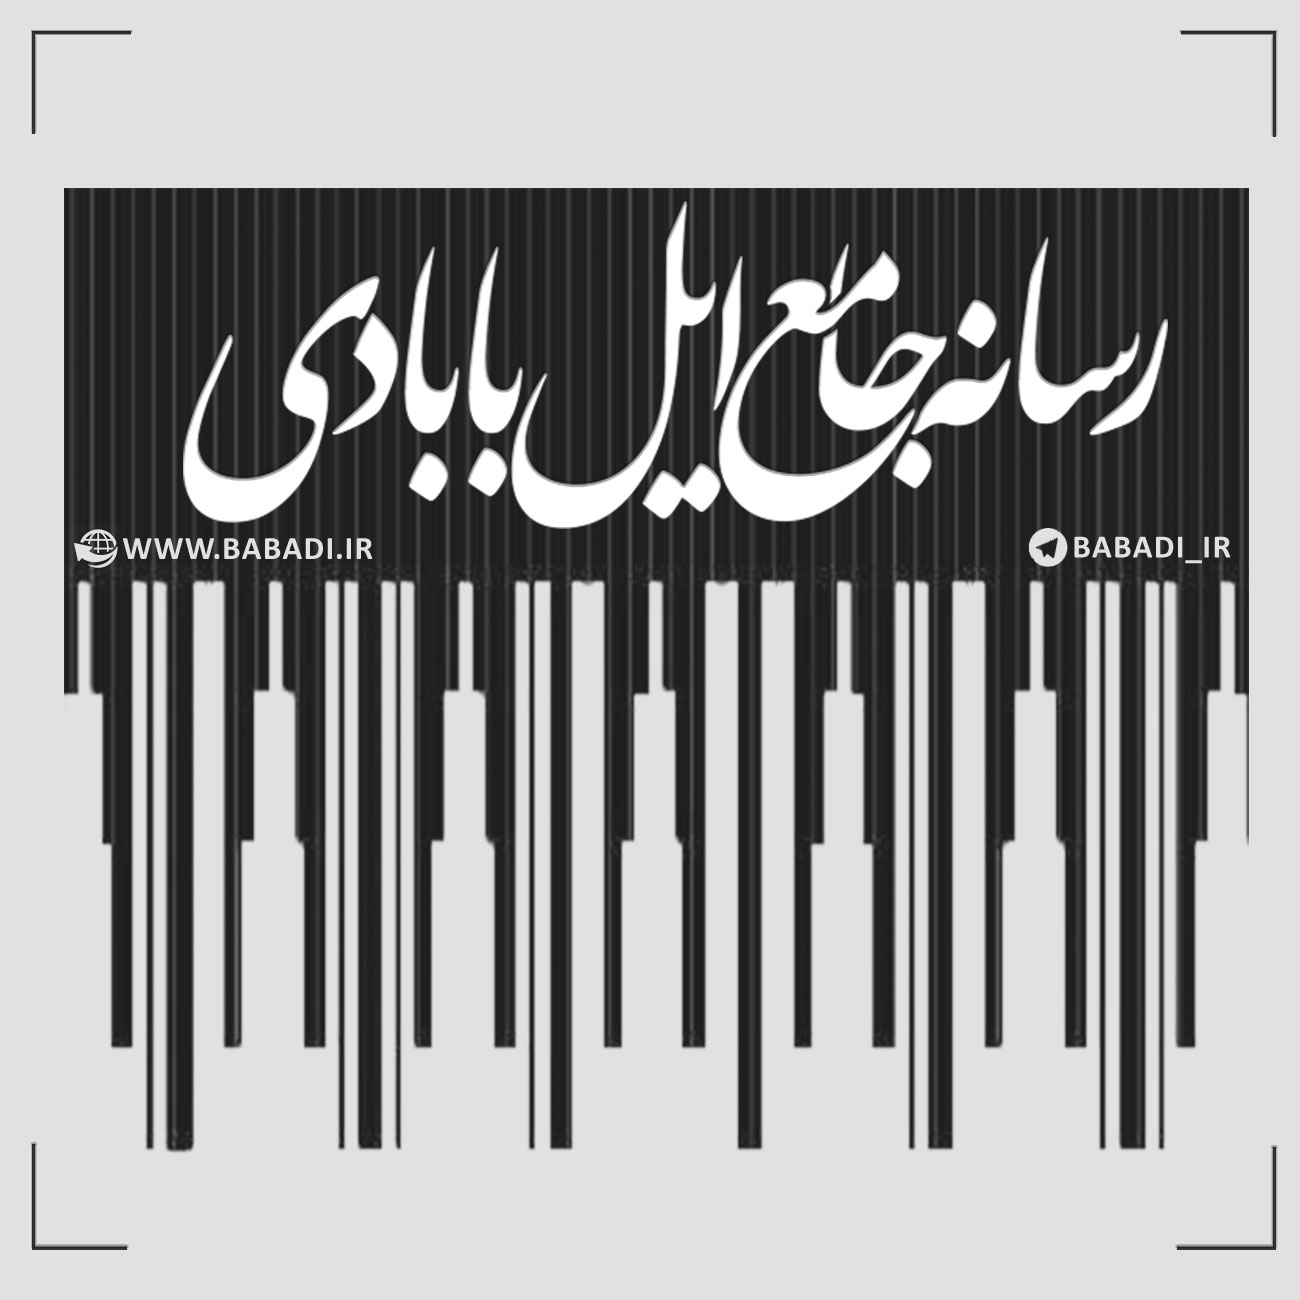 جنگاوران بابادی در زمان فتح تهران توسط مشروطه طلبان بختیاری